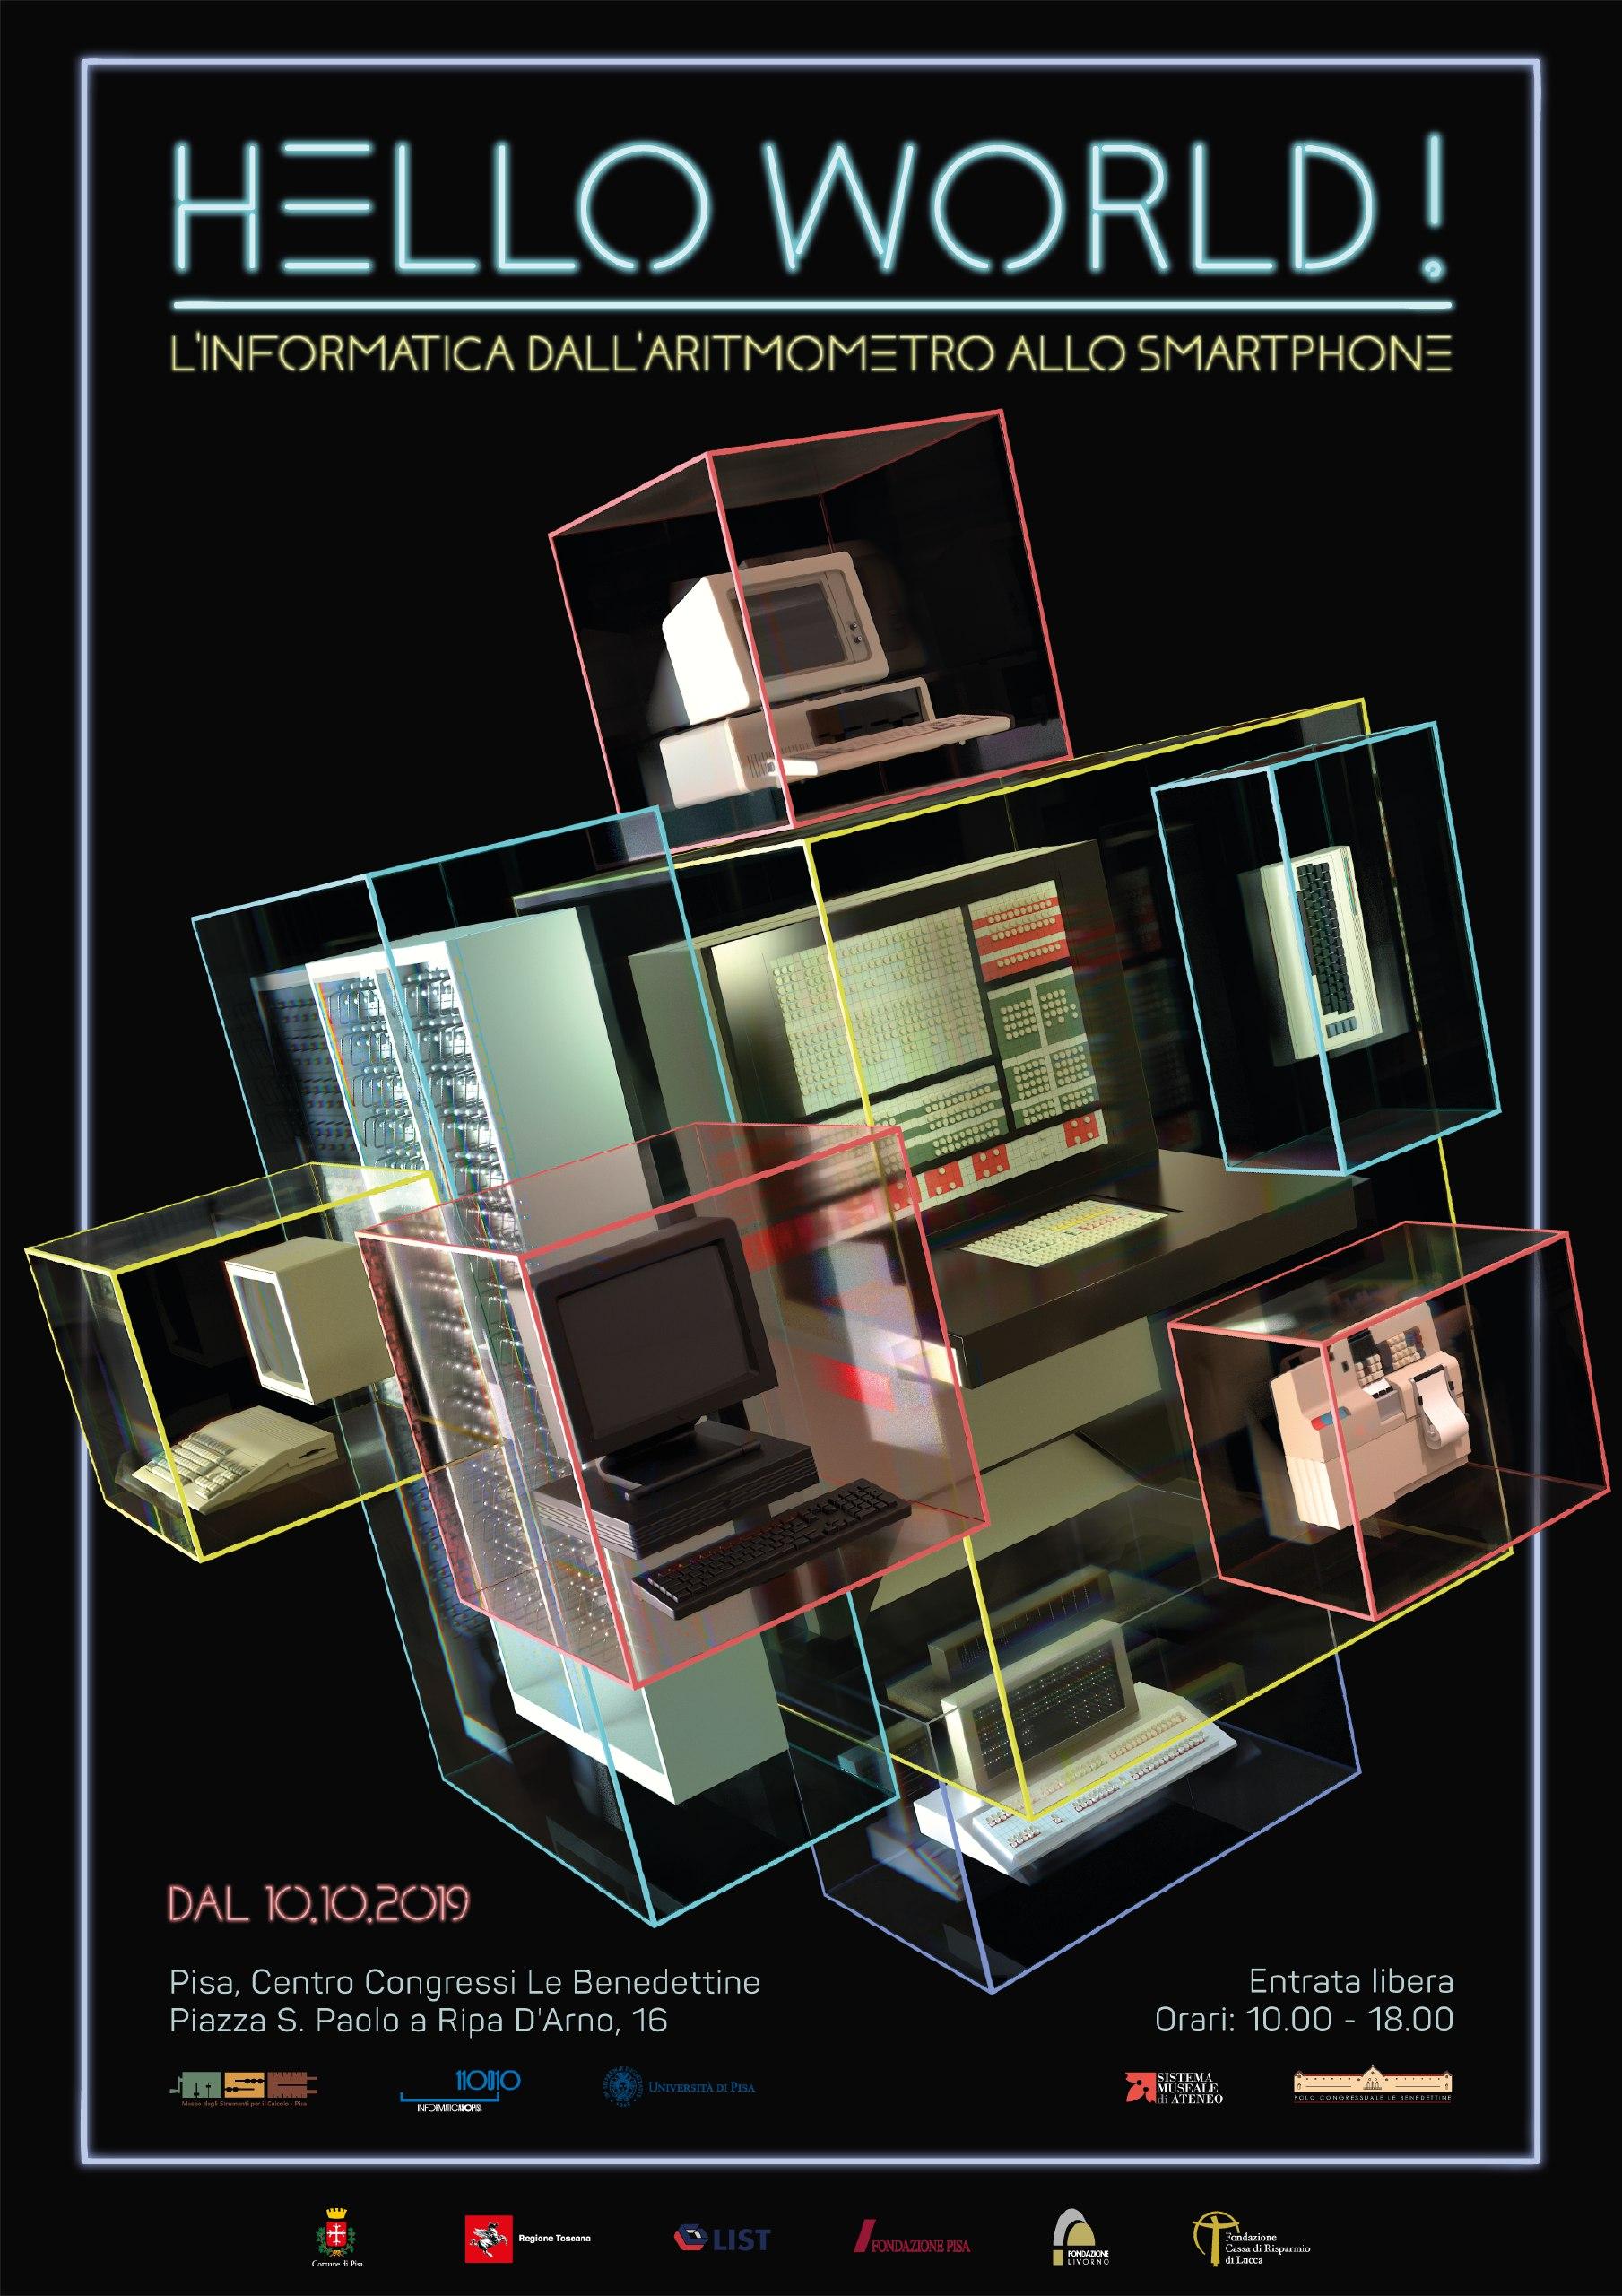 HELLO WORLD! 50 anni di Informatica in mostra a Pisa, dal 10 ottobre 2019 al 31 gennaio 2020